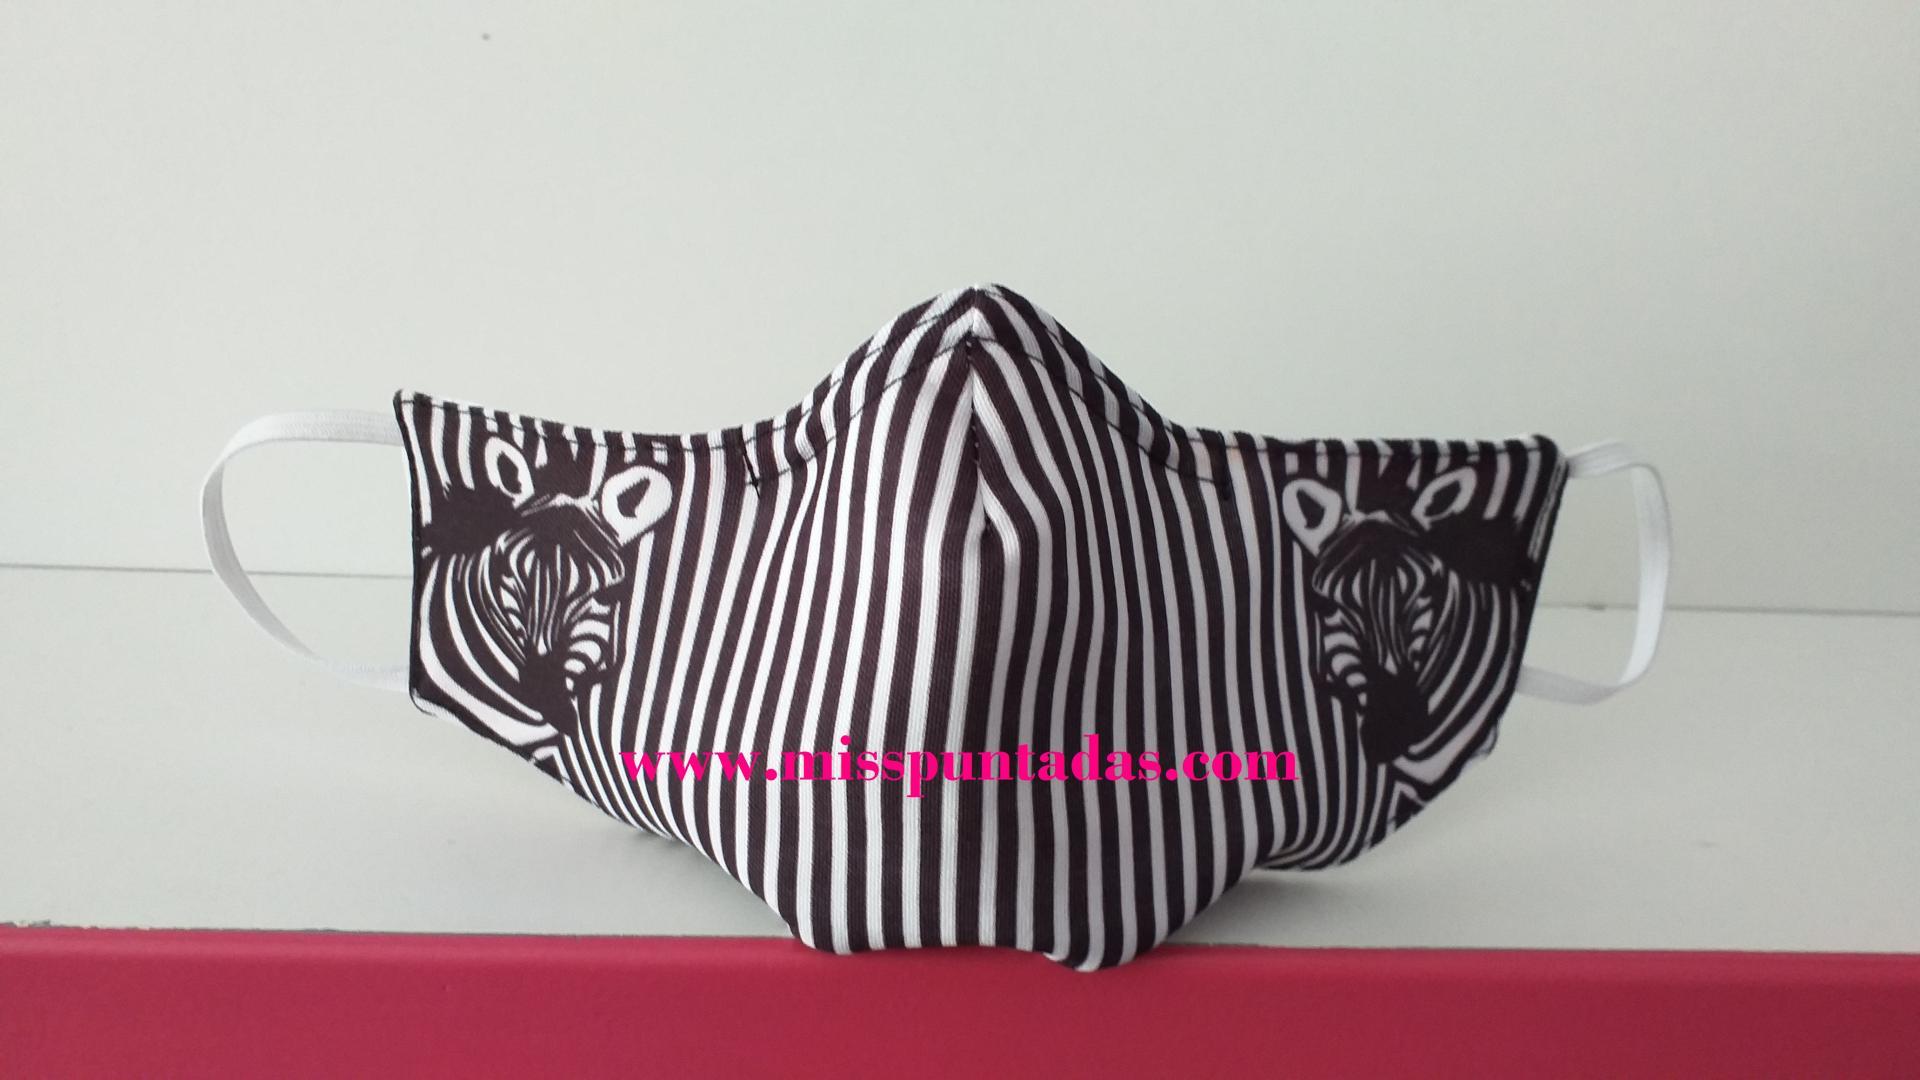 Mascarilla 2 Zebras MP-VR